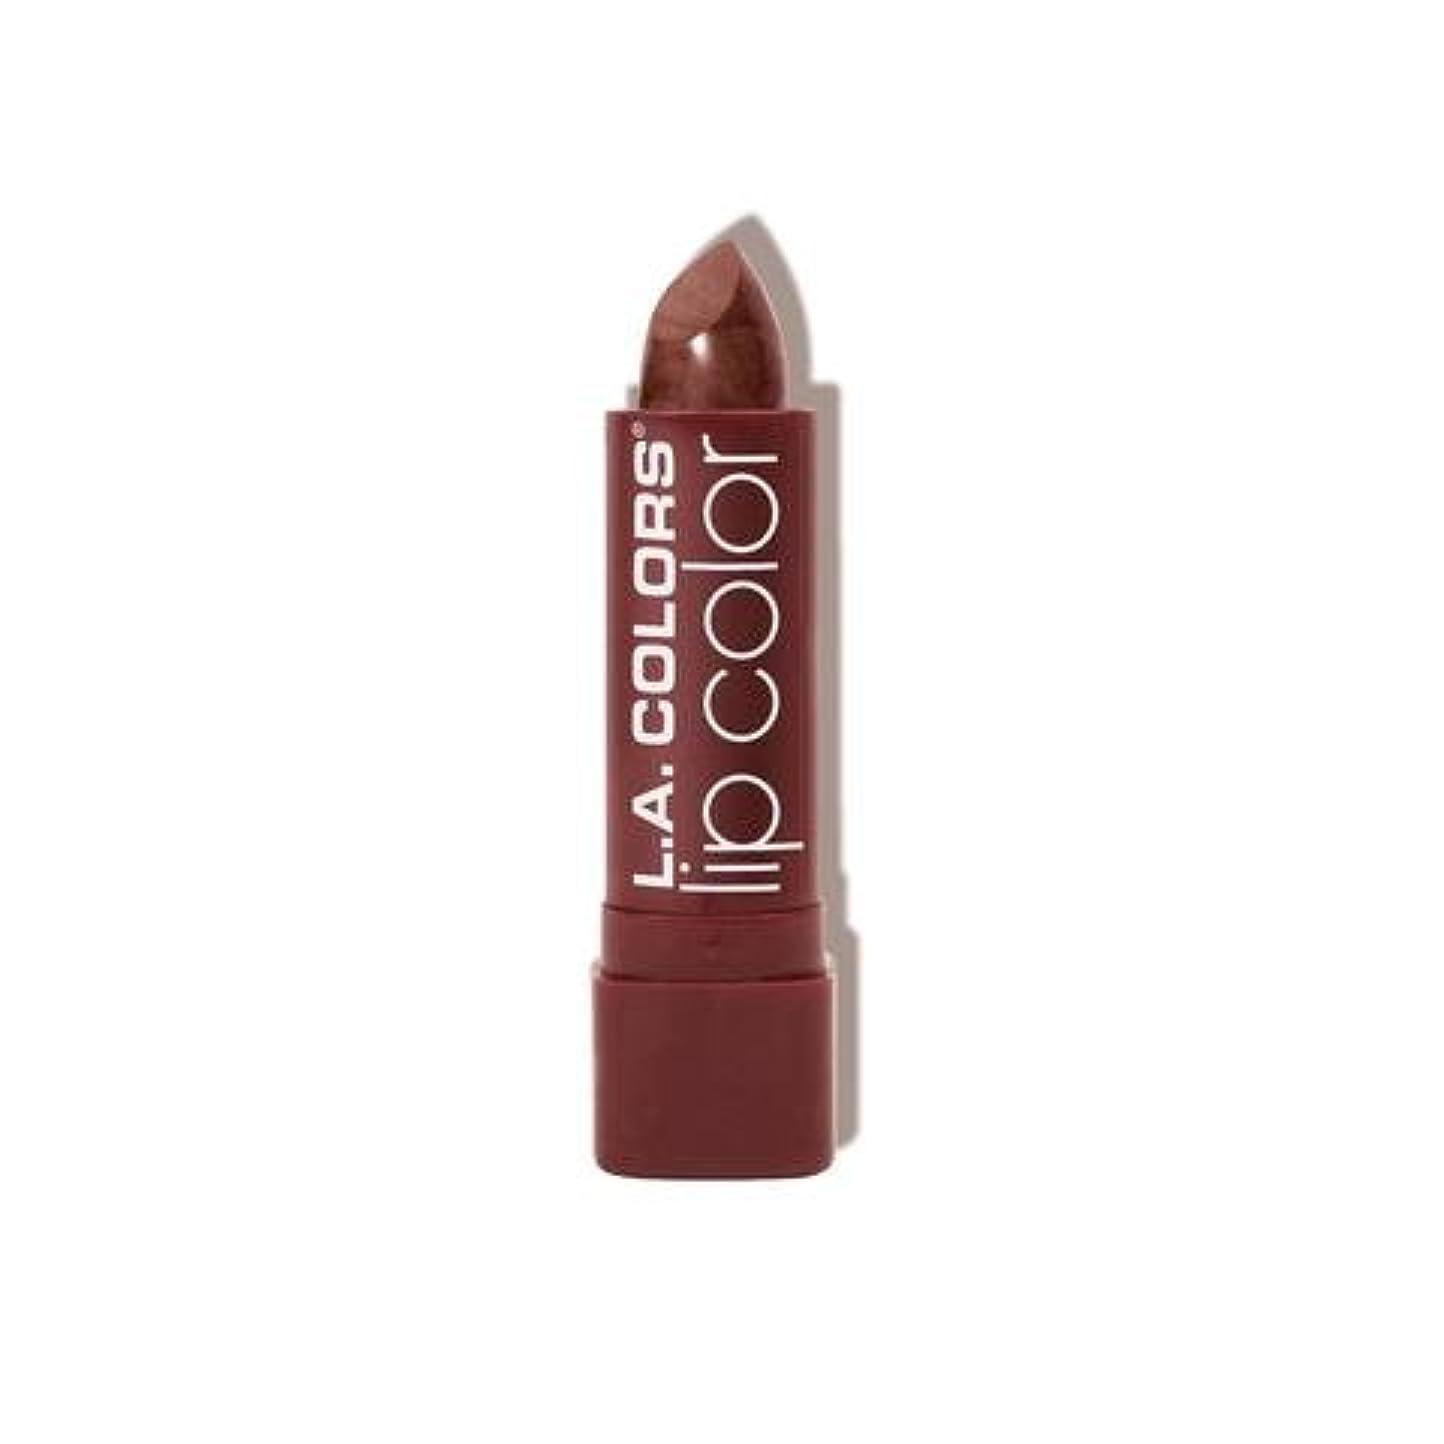 またはどちらかロバコカインL.A. COLORS Moisture Rich Lip Color - Cocoa Shimmer (並行輸入品)